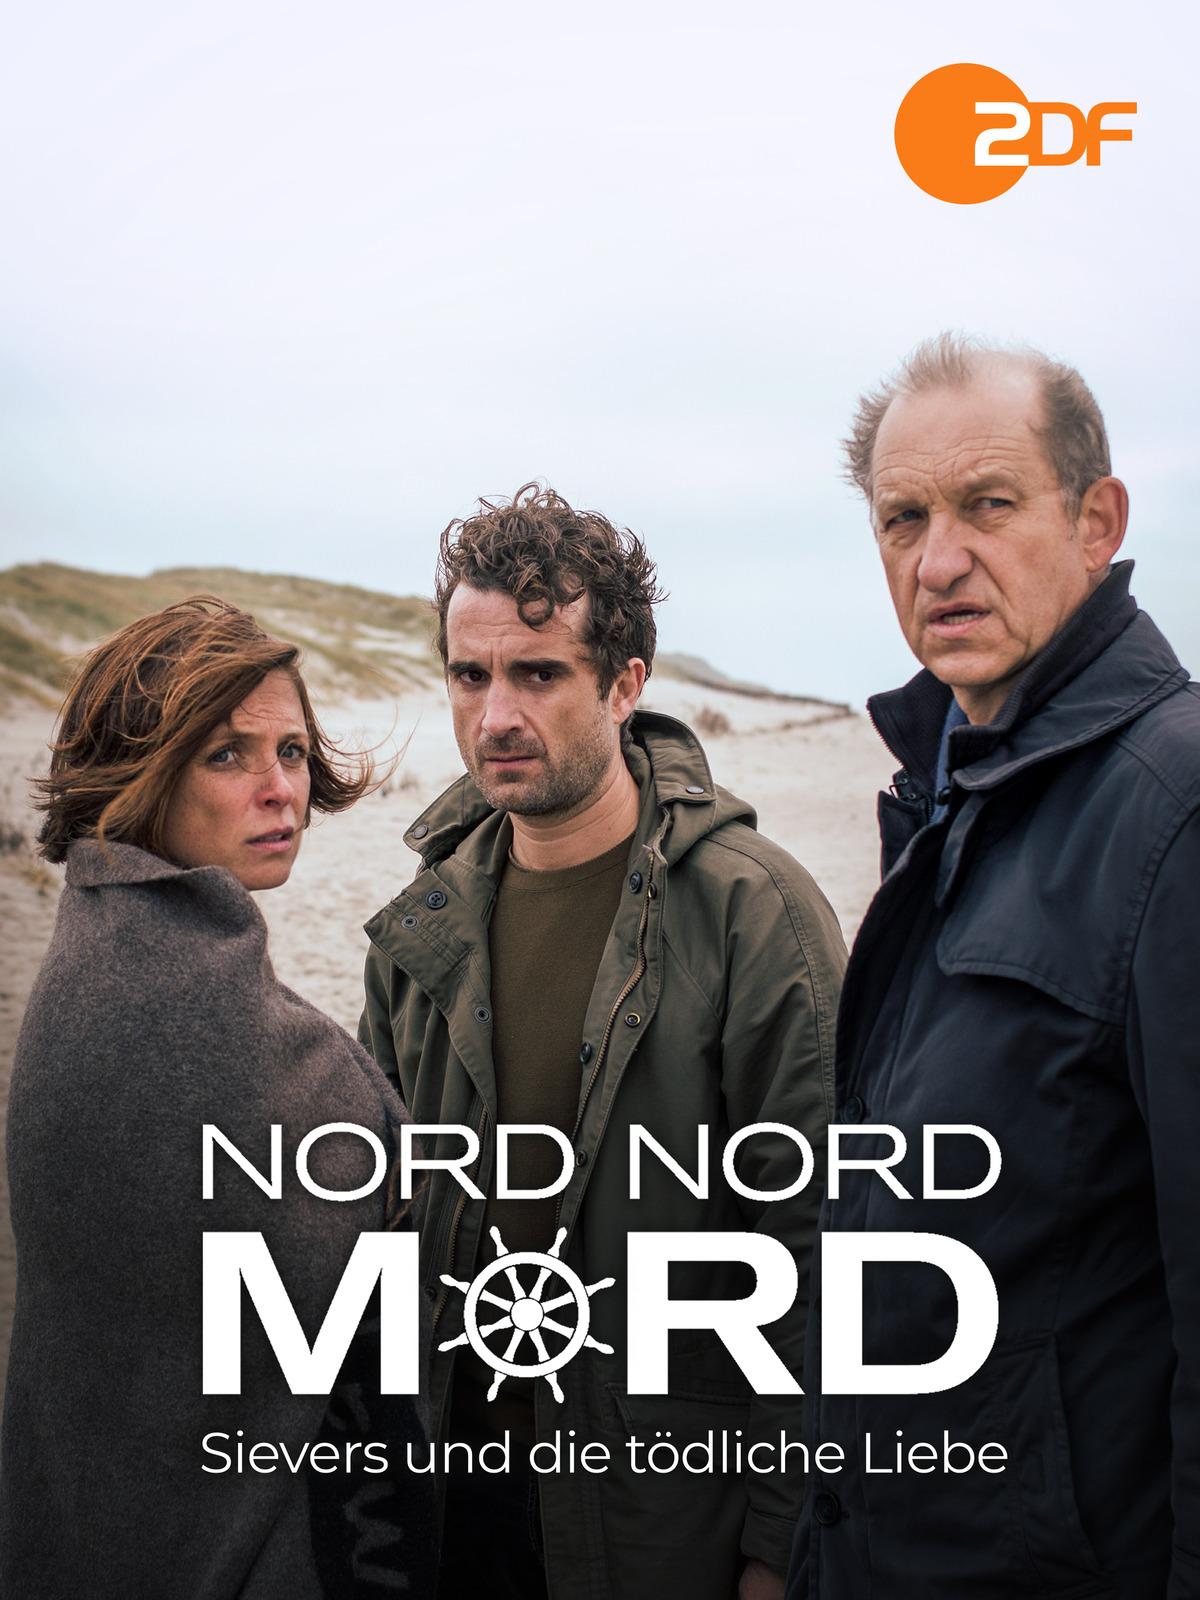 Nord Nord Mord - Sievers und die tödliche Liebe